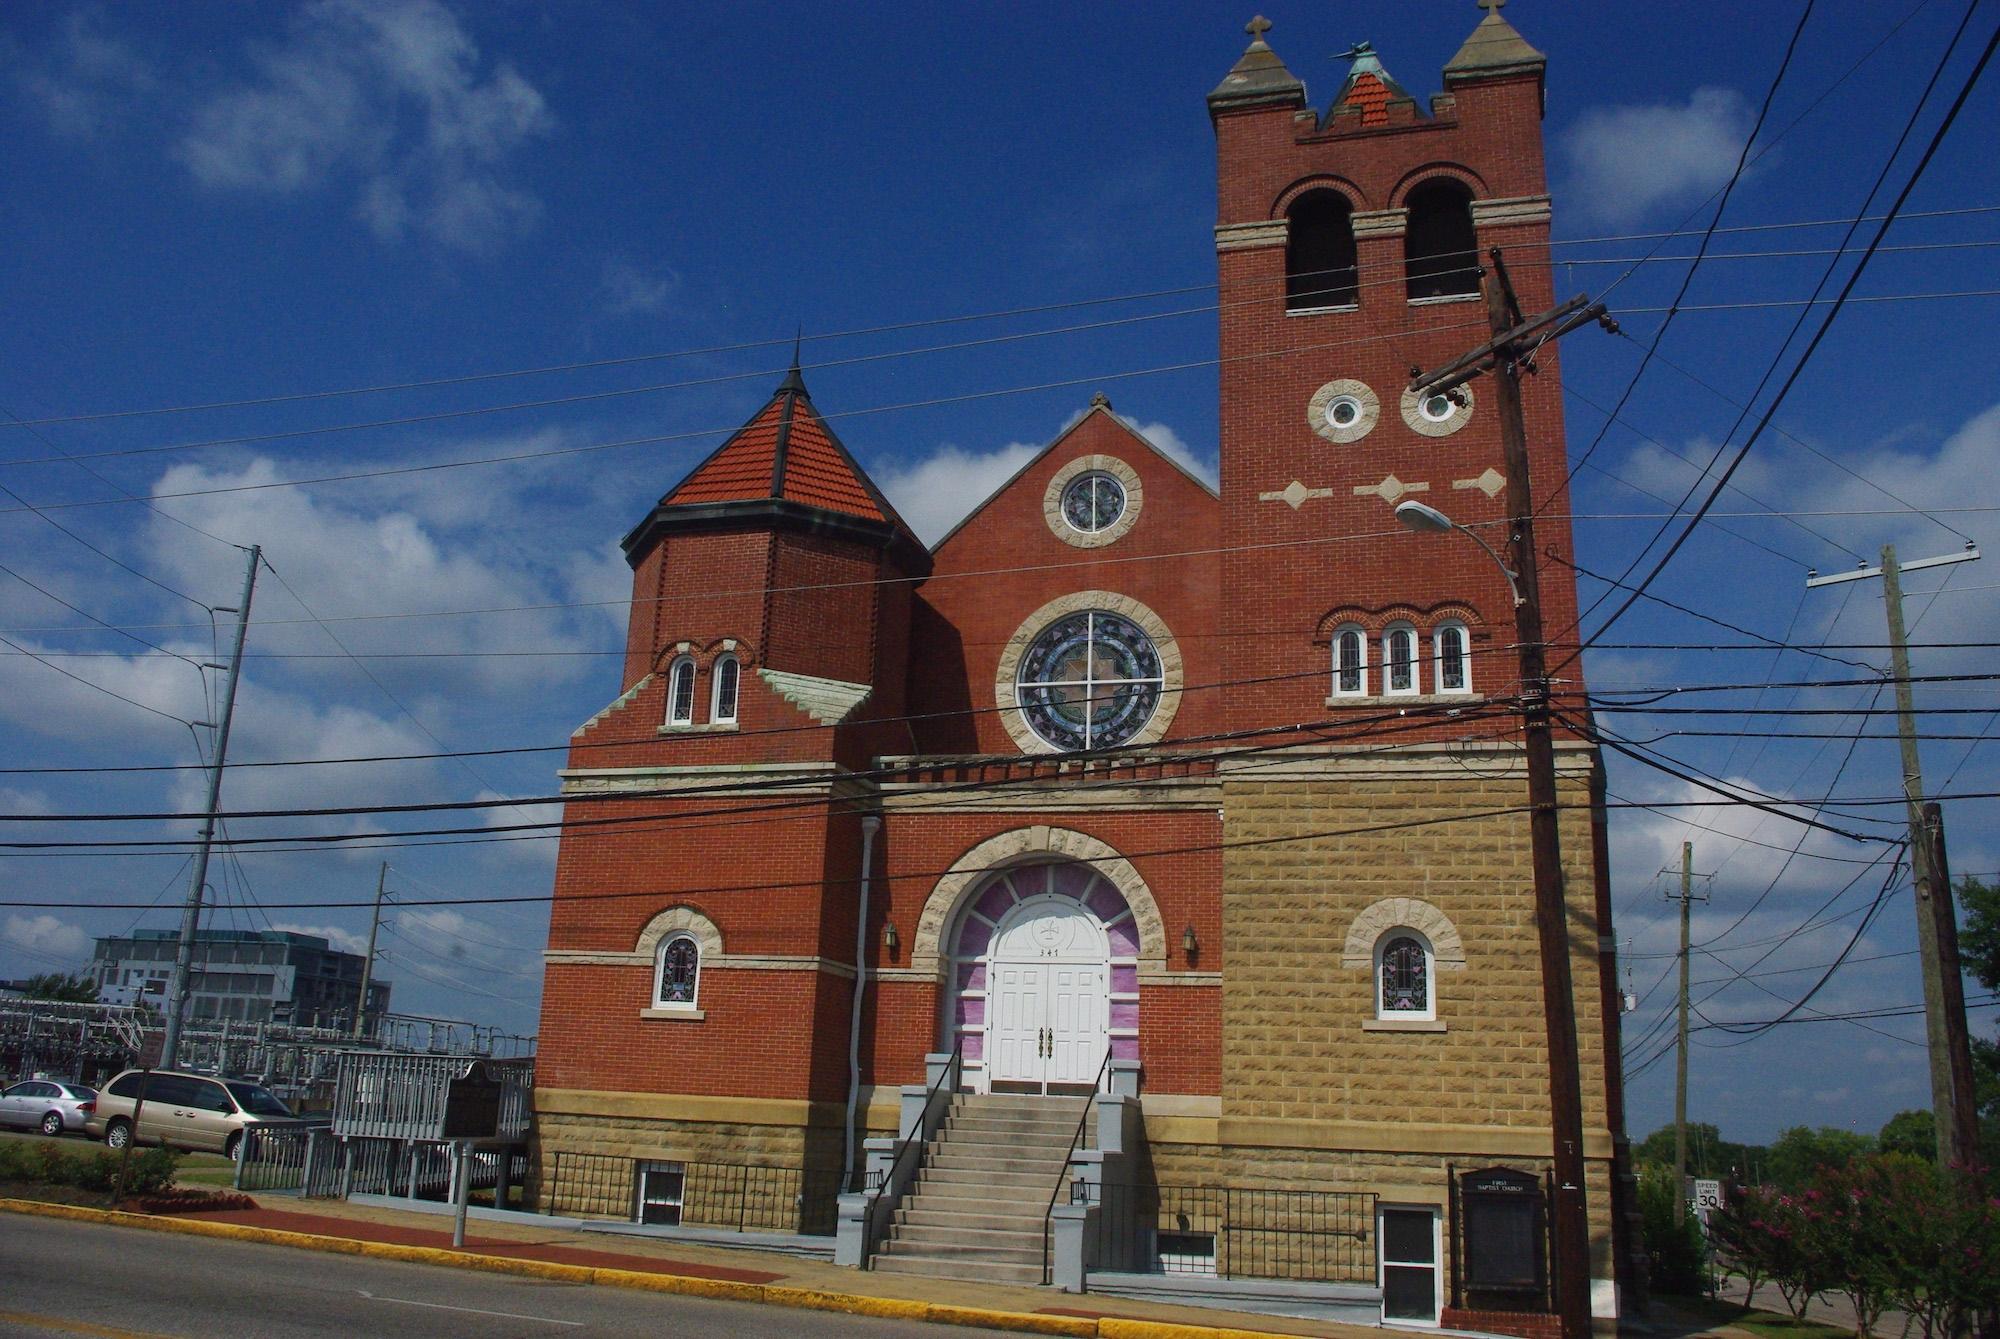 Le 21 mai 1961, 1500 militants des droits civiques se sont réfugiés dans cette église avec Martin Luther King. Dehors il y avait 300 blancs qui voulaient leur faire la peau. Ils ont été évacués avec 15 heures de palabres. Montgomory était une ville à la pointe du militantisme des noirs pour l'égalité